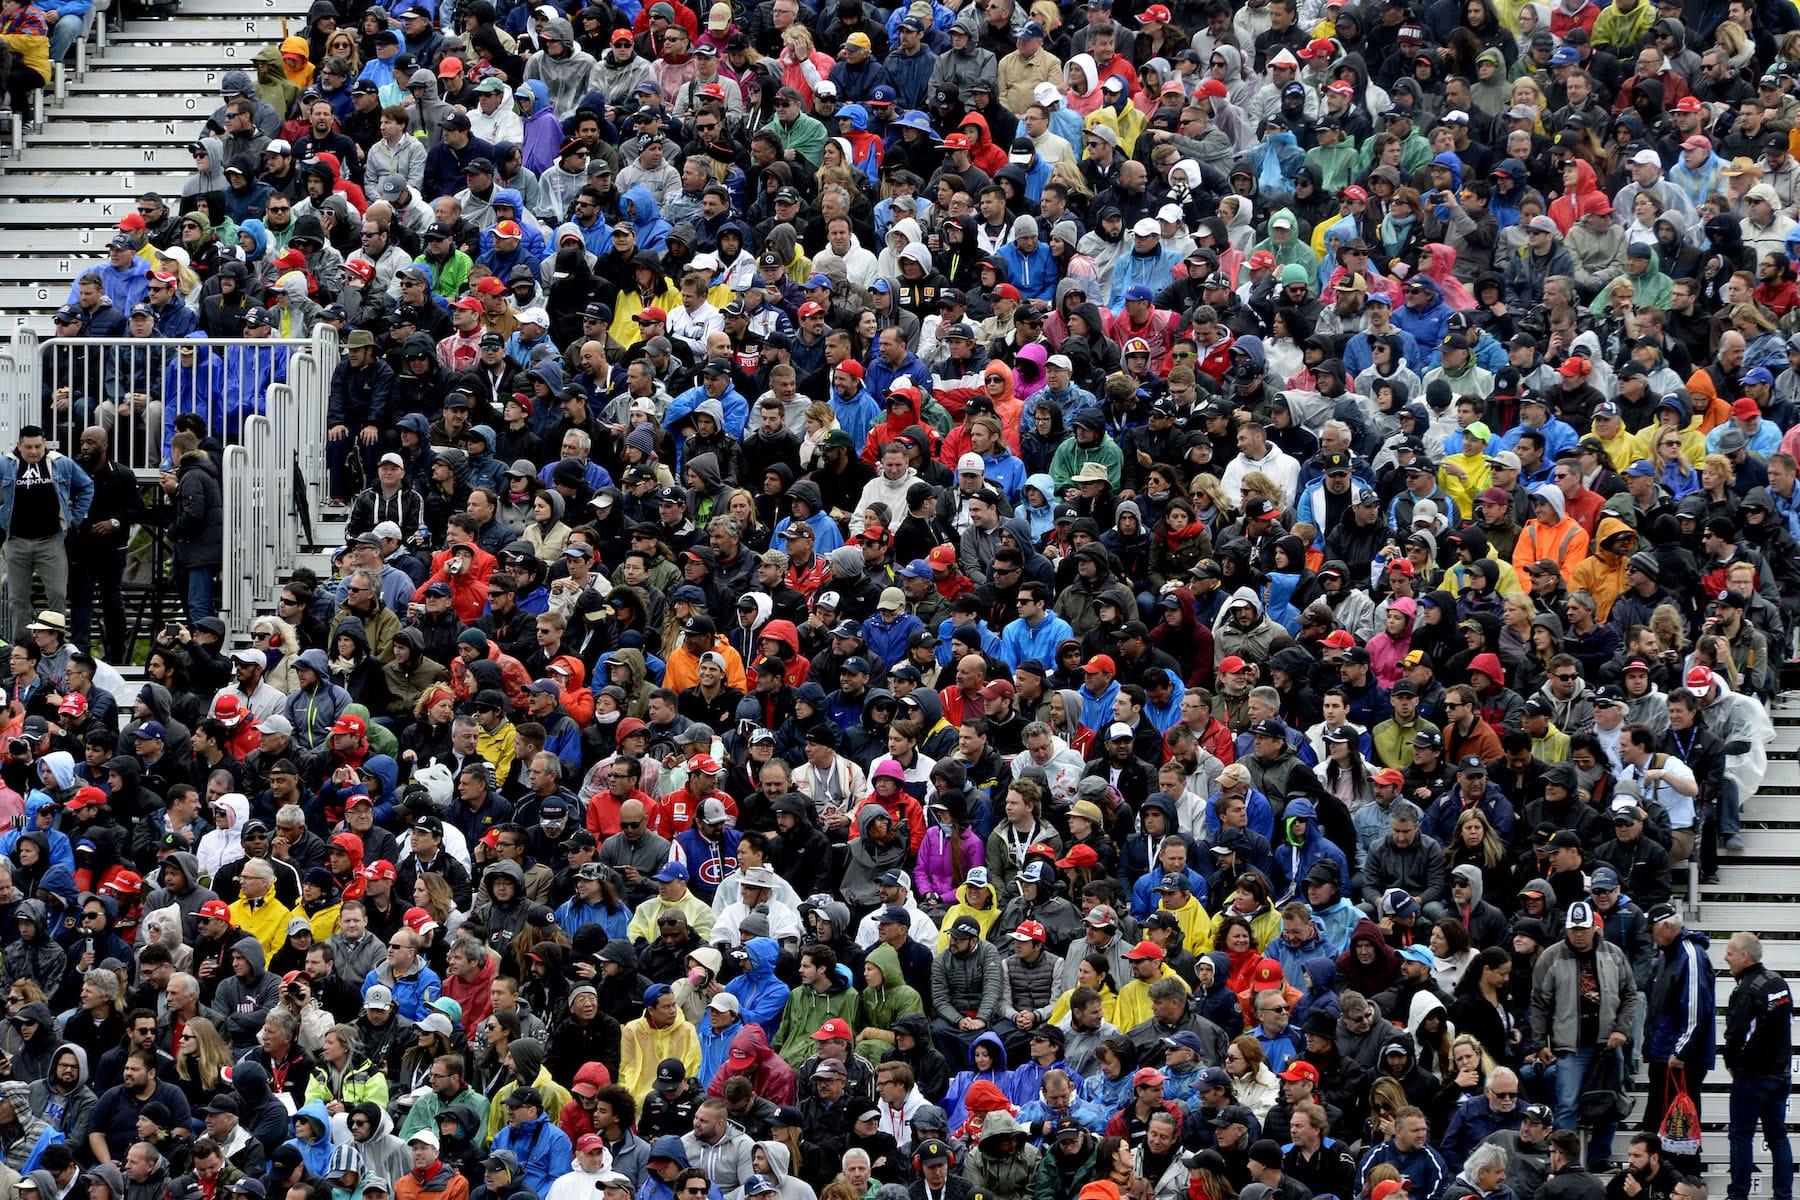 Salracing - F1 Fans in grandstand